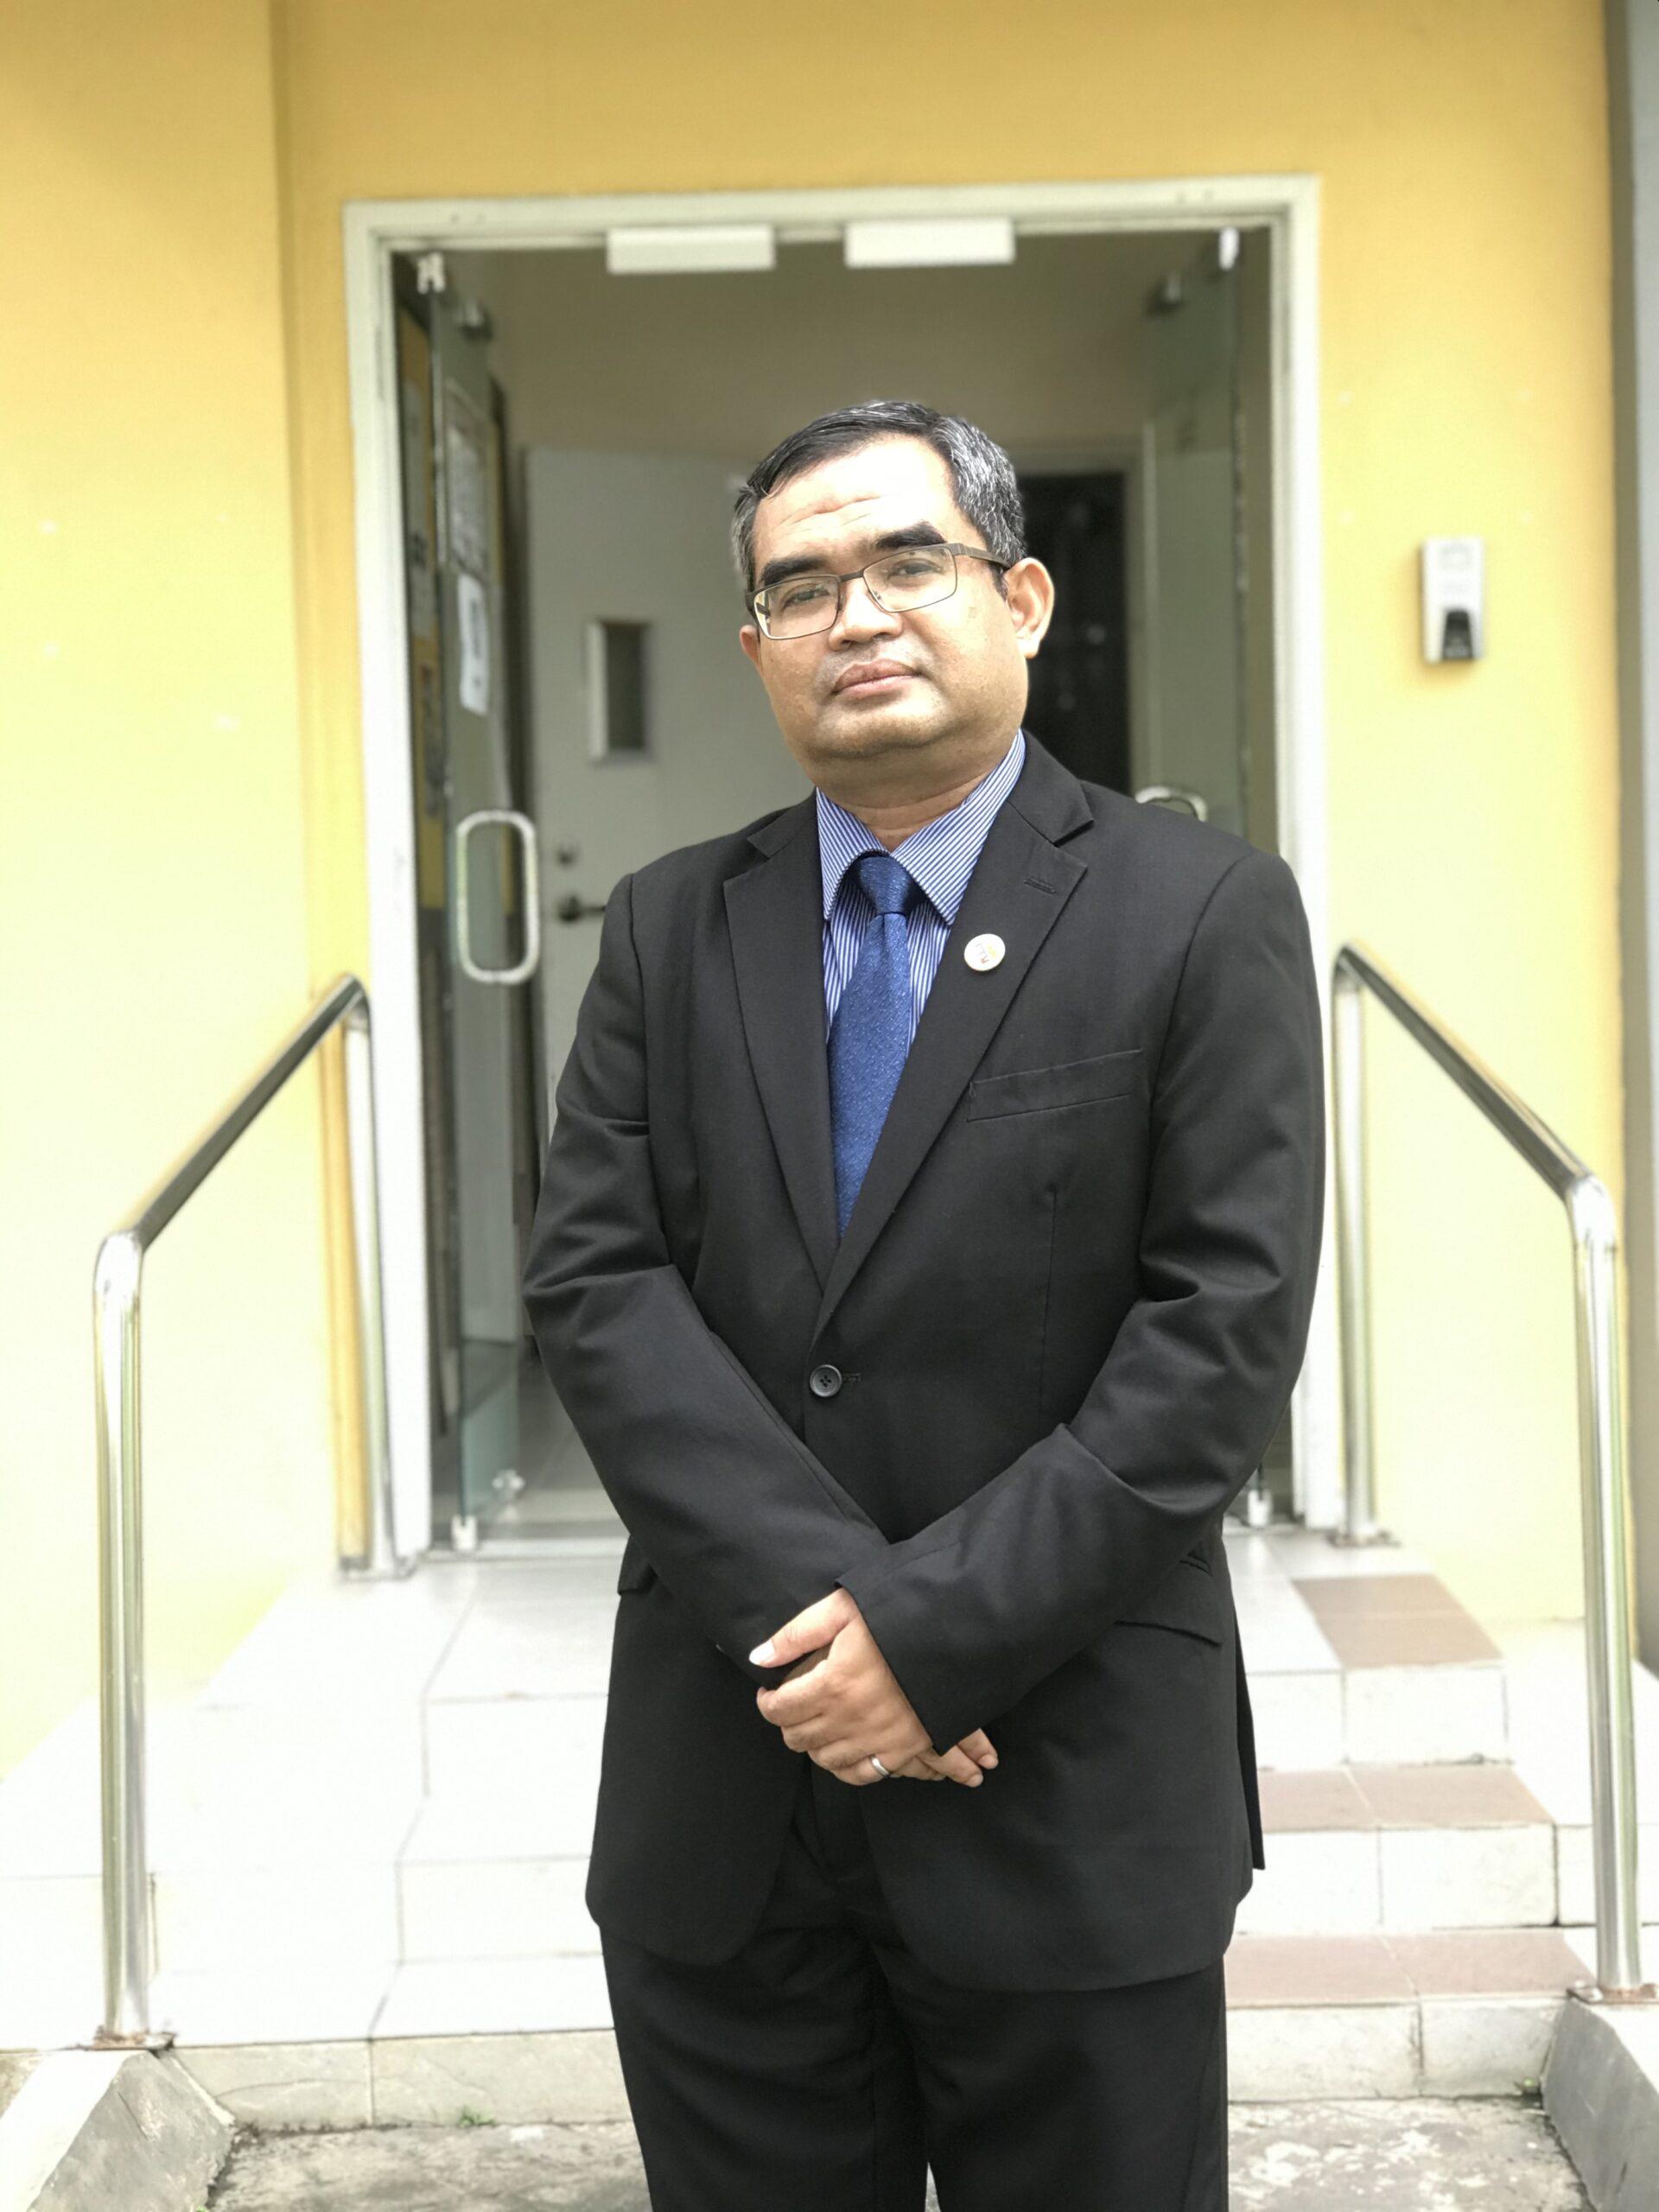 ASSOCIATE PROFESSOR DR. ASLAN AMAT SENIN